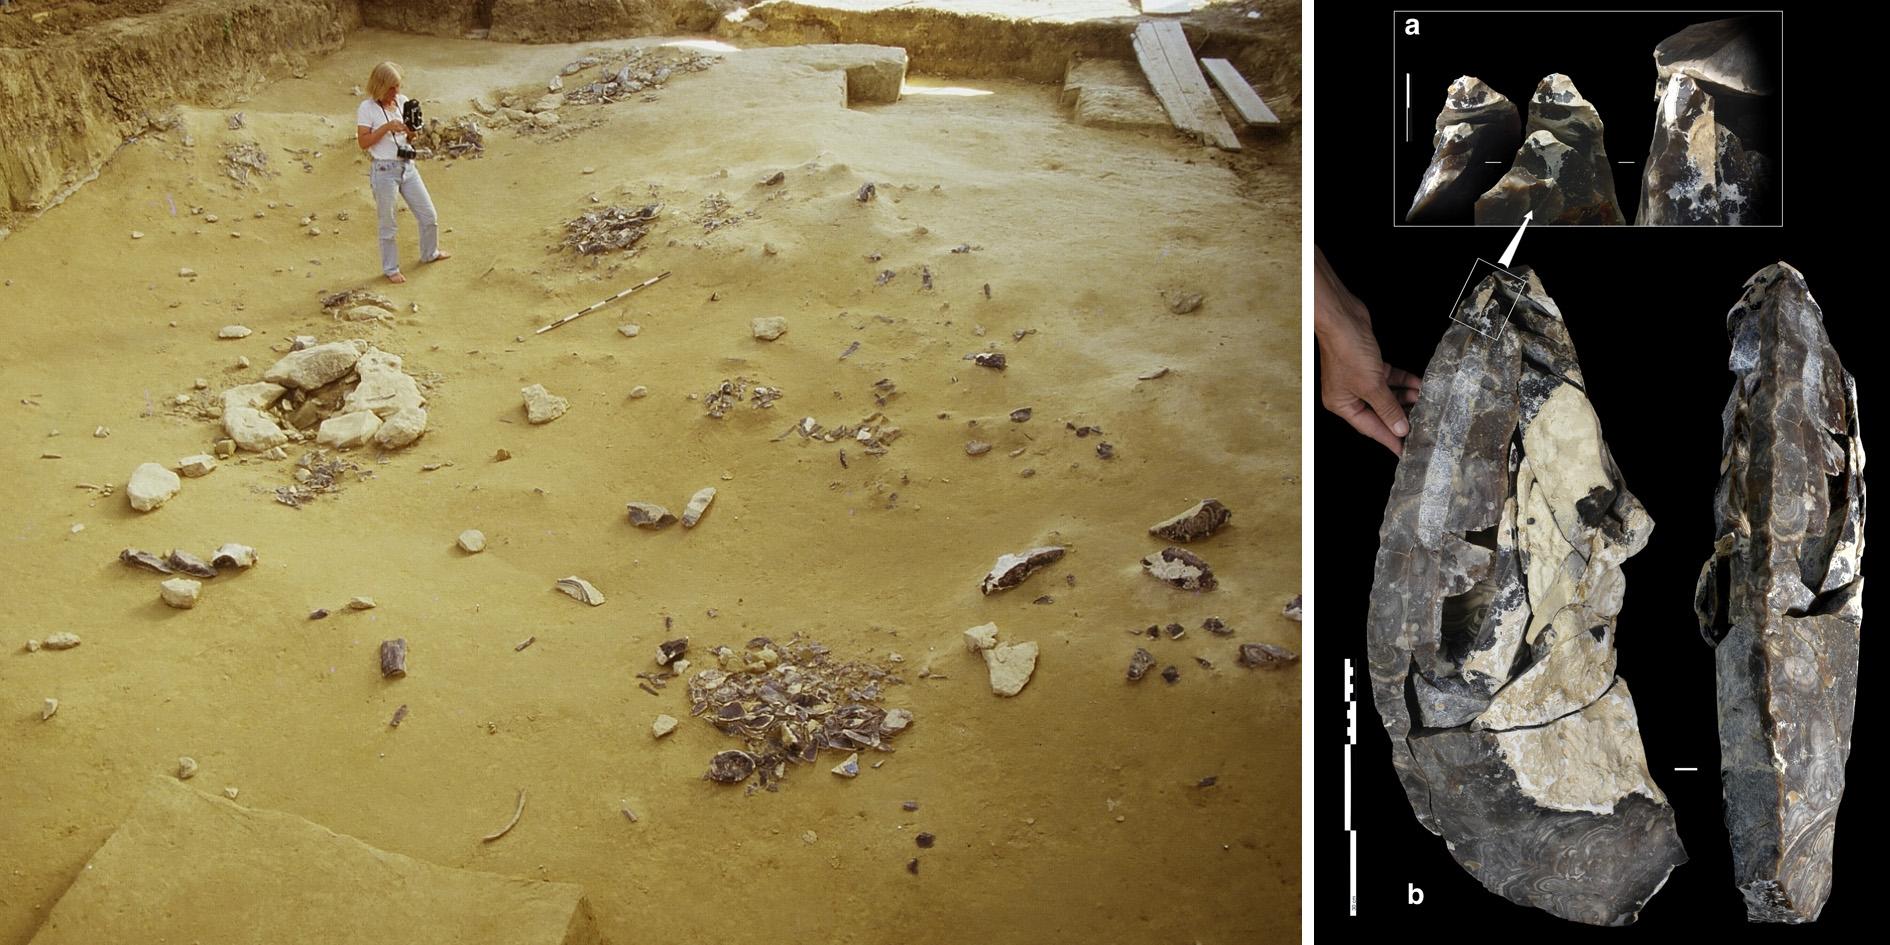 Ansicht eines Spätmagdalénien-zeitlichen Grabungsplanums am französischen Fundort Etiolles